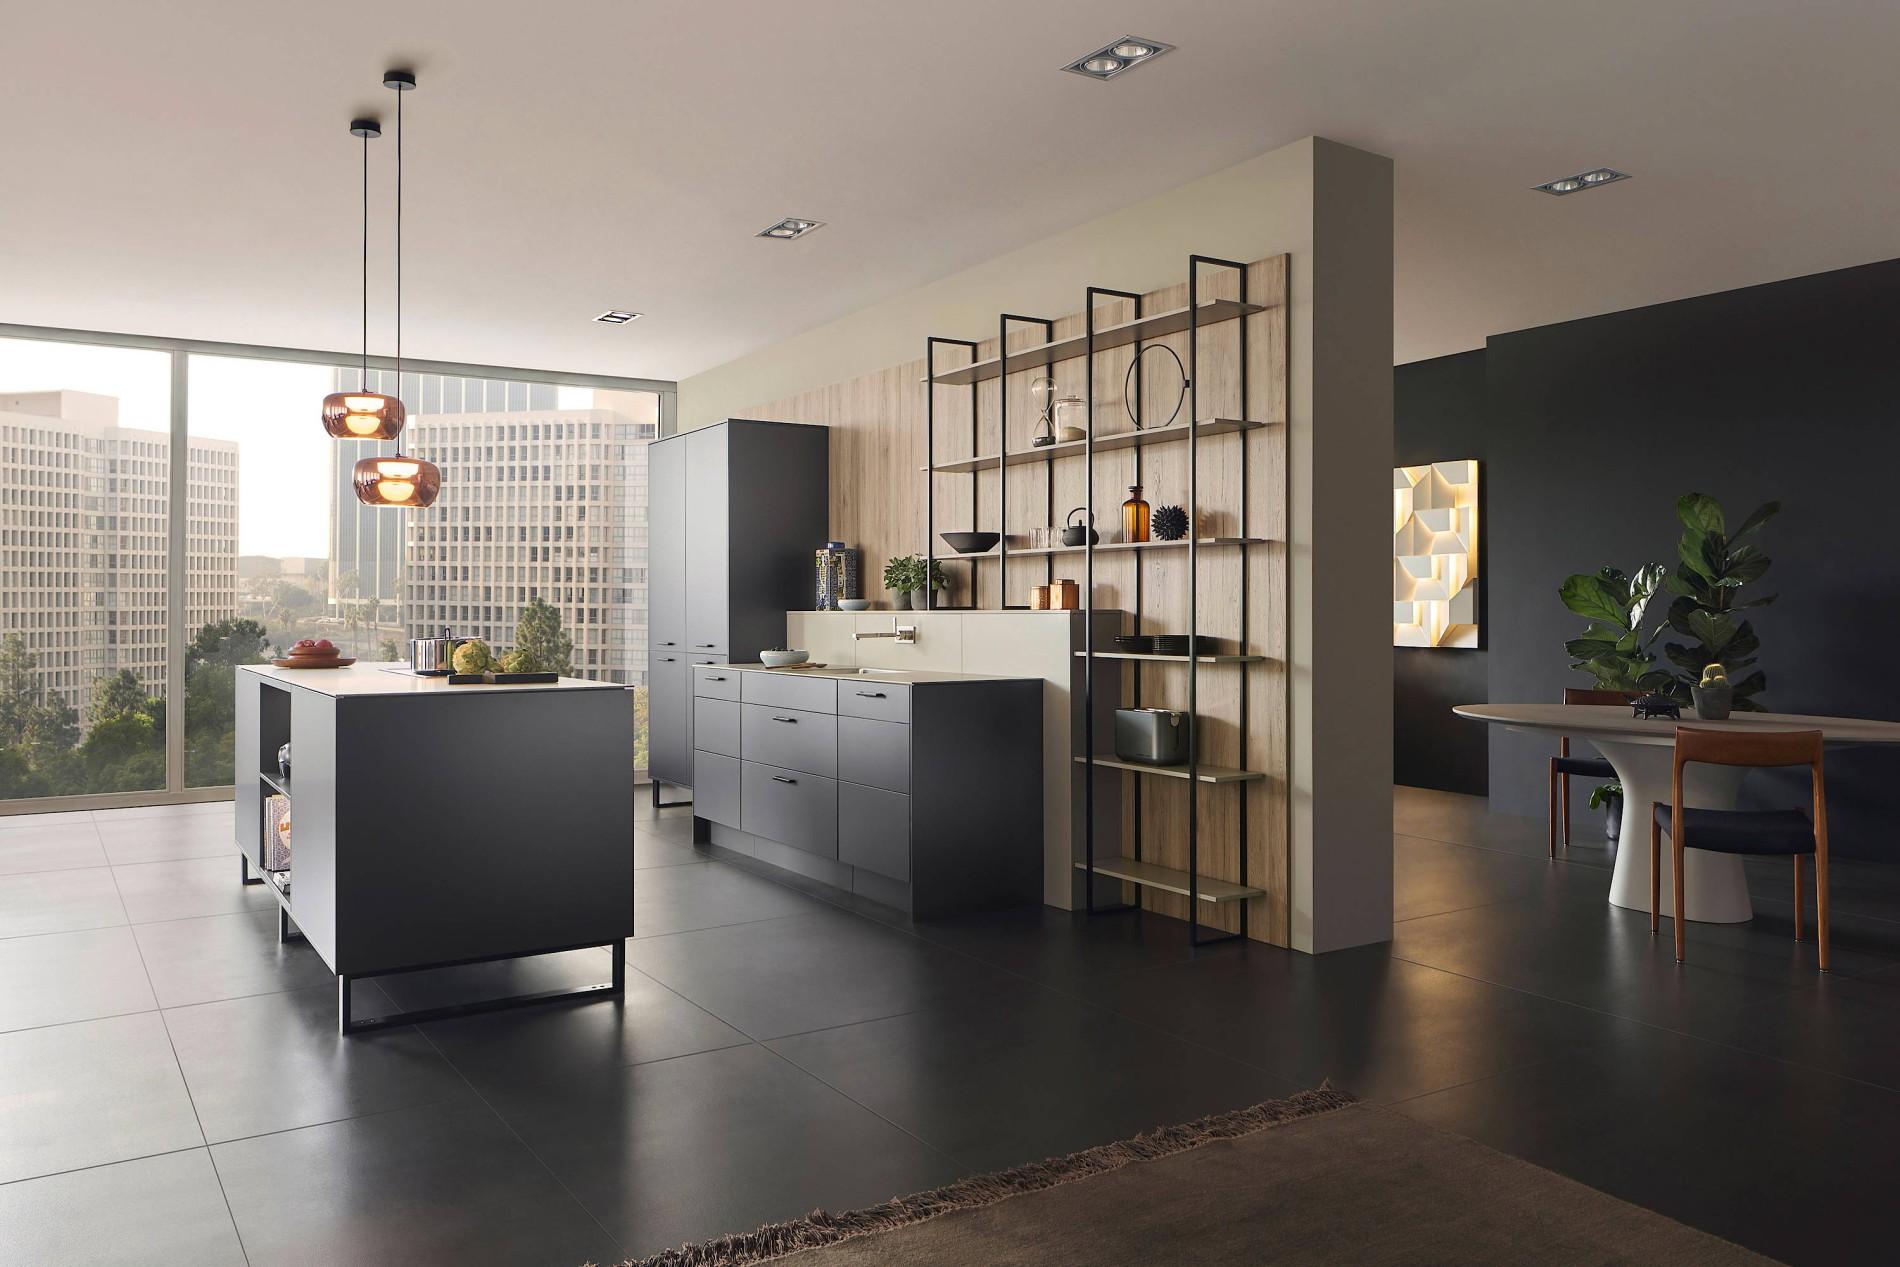 Full Size of Kchen Hersteller Leicht Kche Als Küchen Regal Wohnzimmer Küchen Aktuell